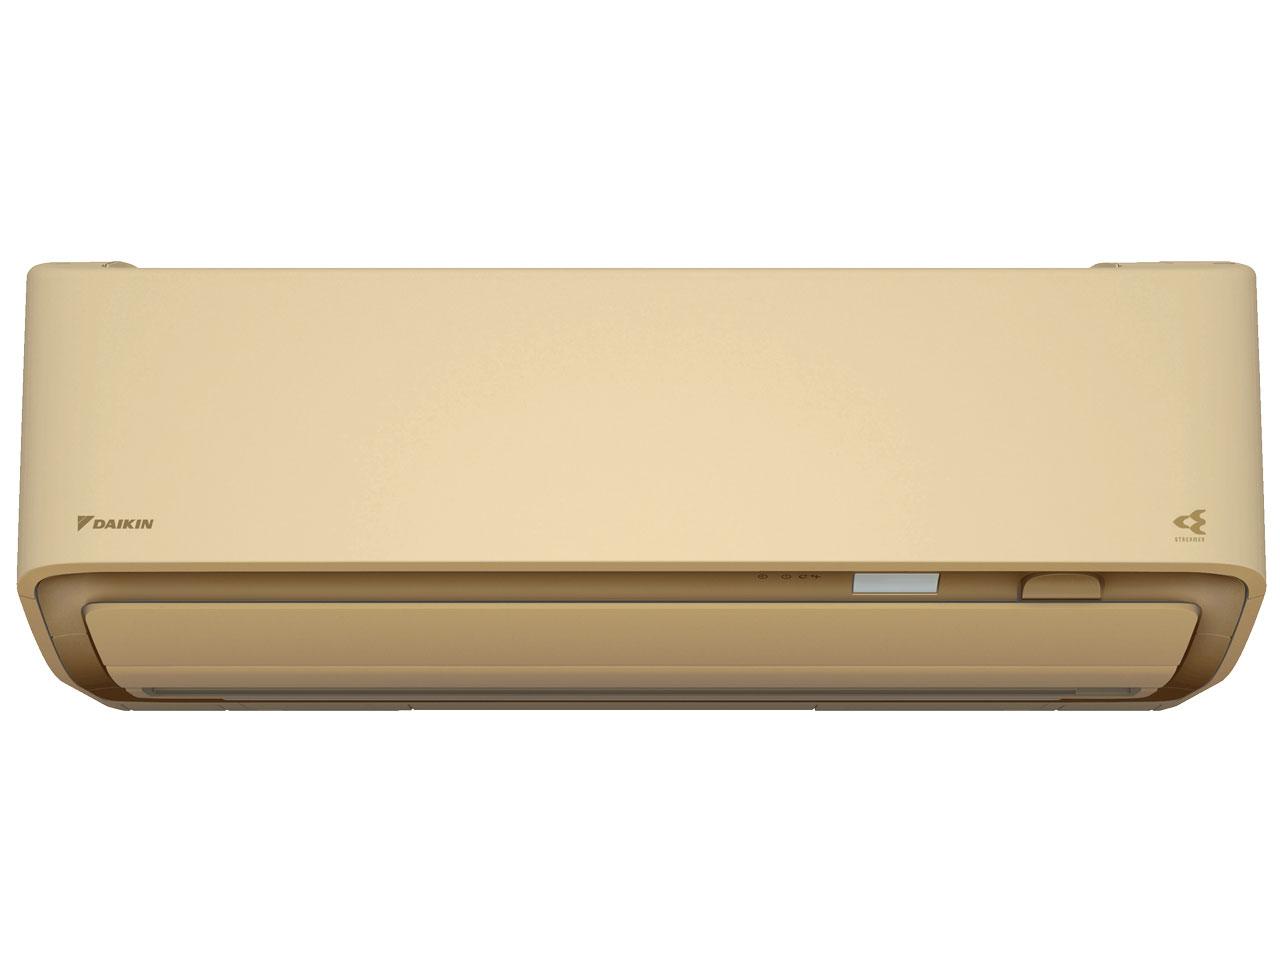 ダイキン 19年モデル うるさら7 RXシリーズ S36WTRXS-C 【100V用】12畳用冷暖房除湿エアコン